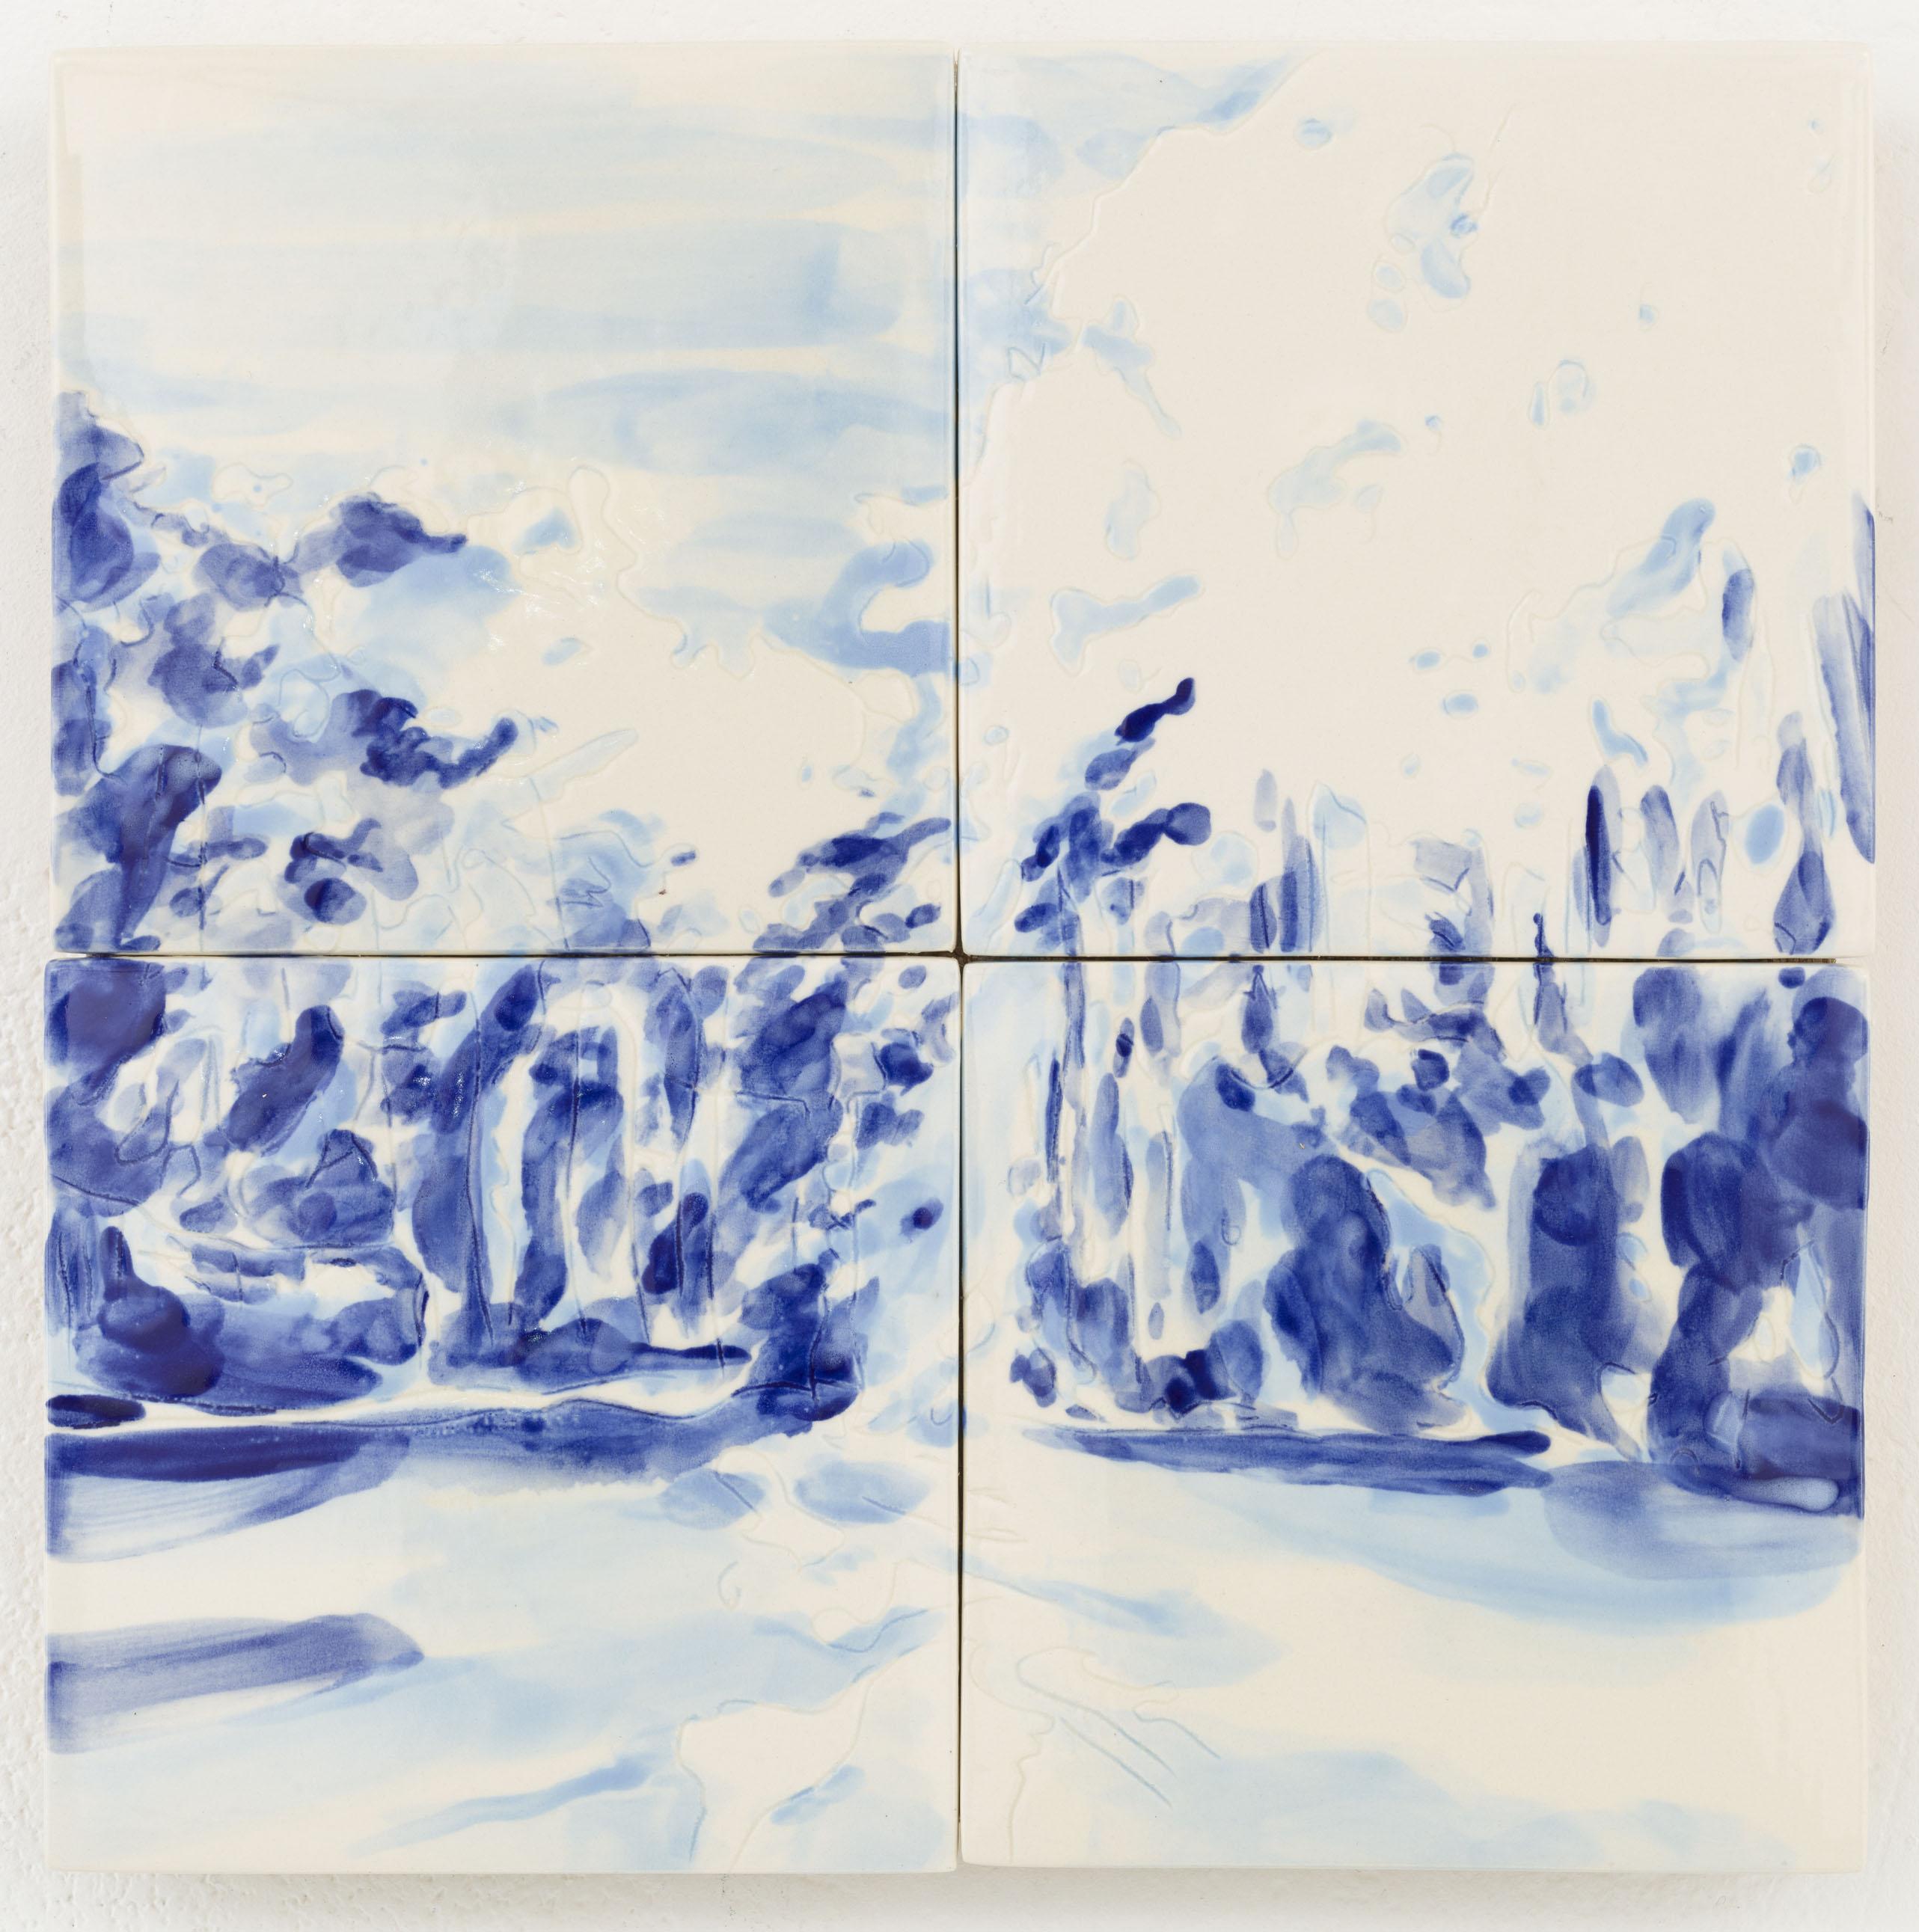 """""""Floresta I. 2 x 2 painted ceramic tiles, 29,5 x 29,5 cm, NL 2014"""